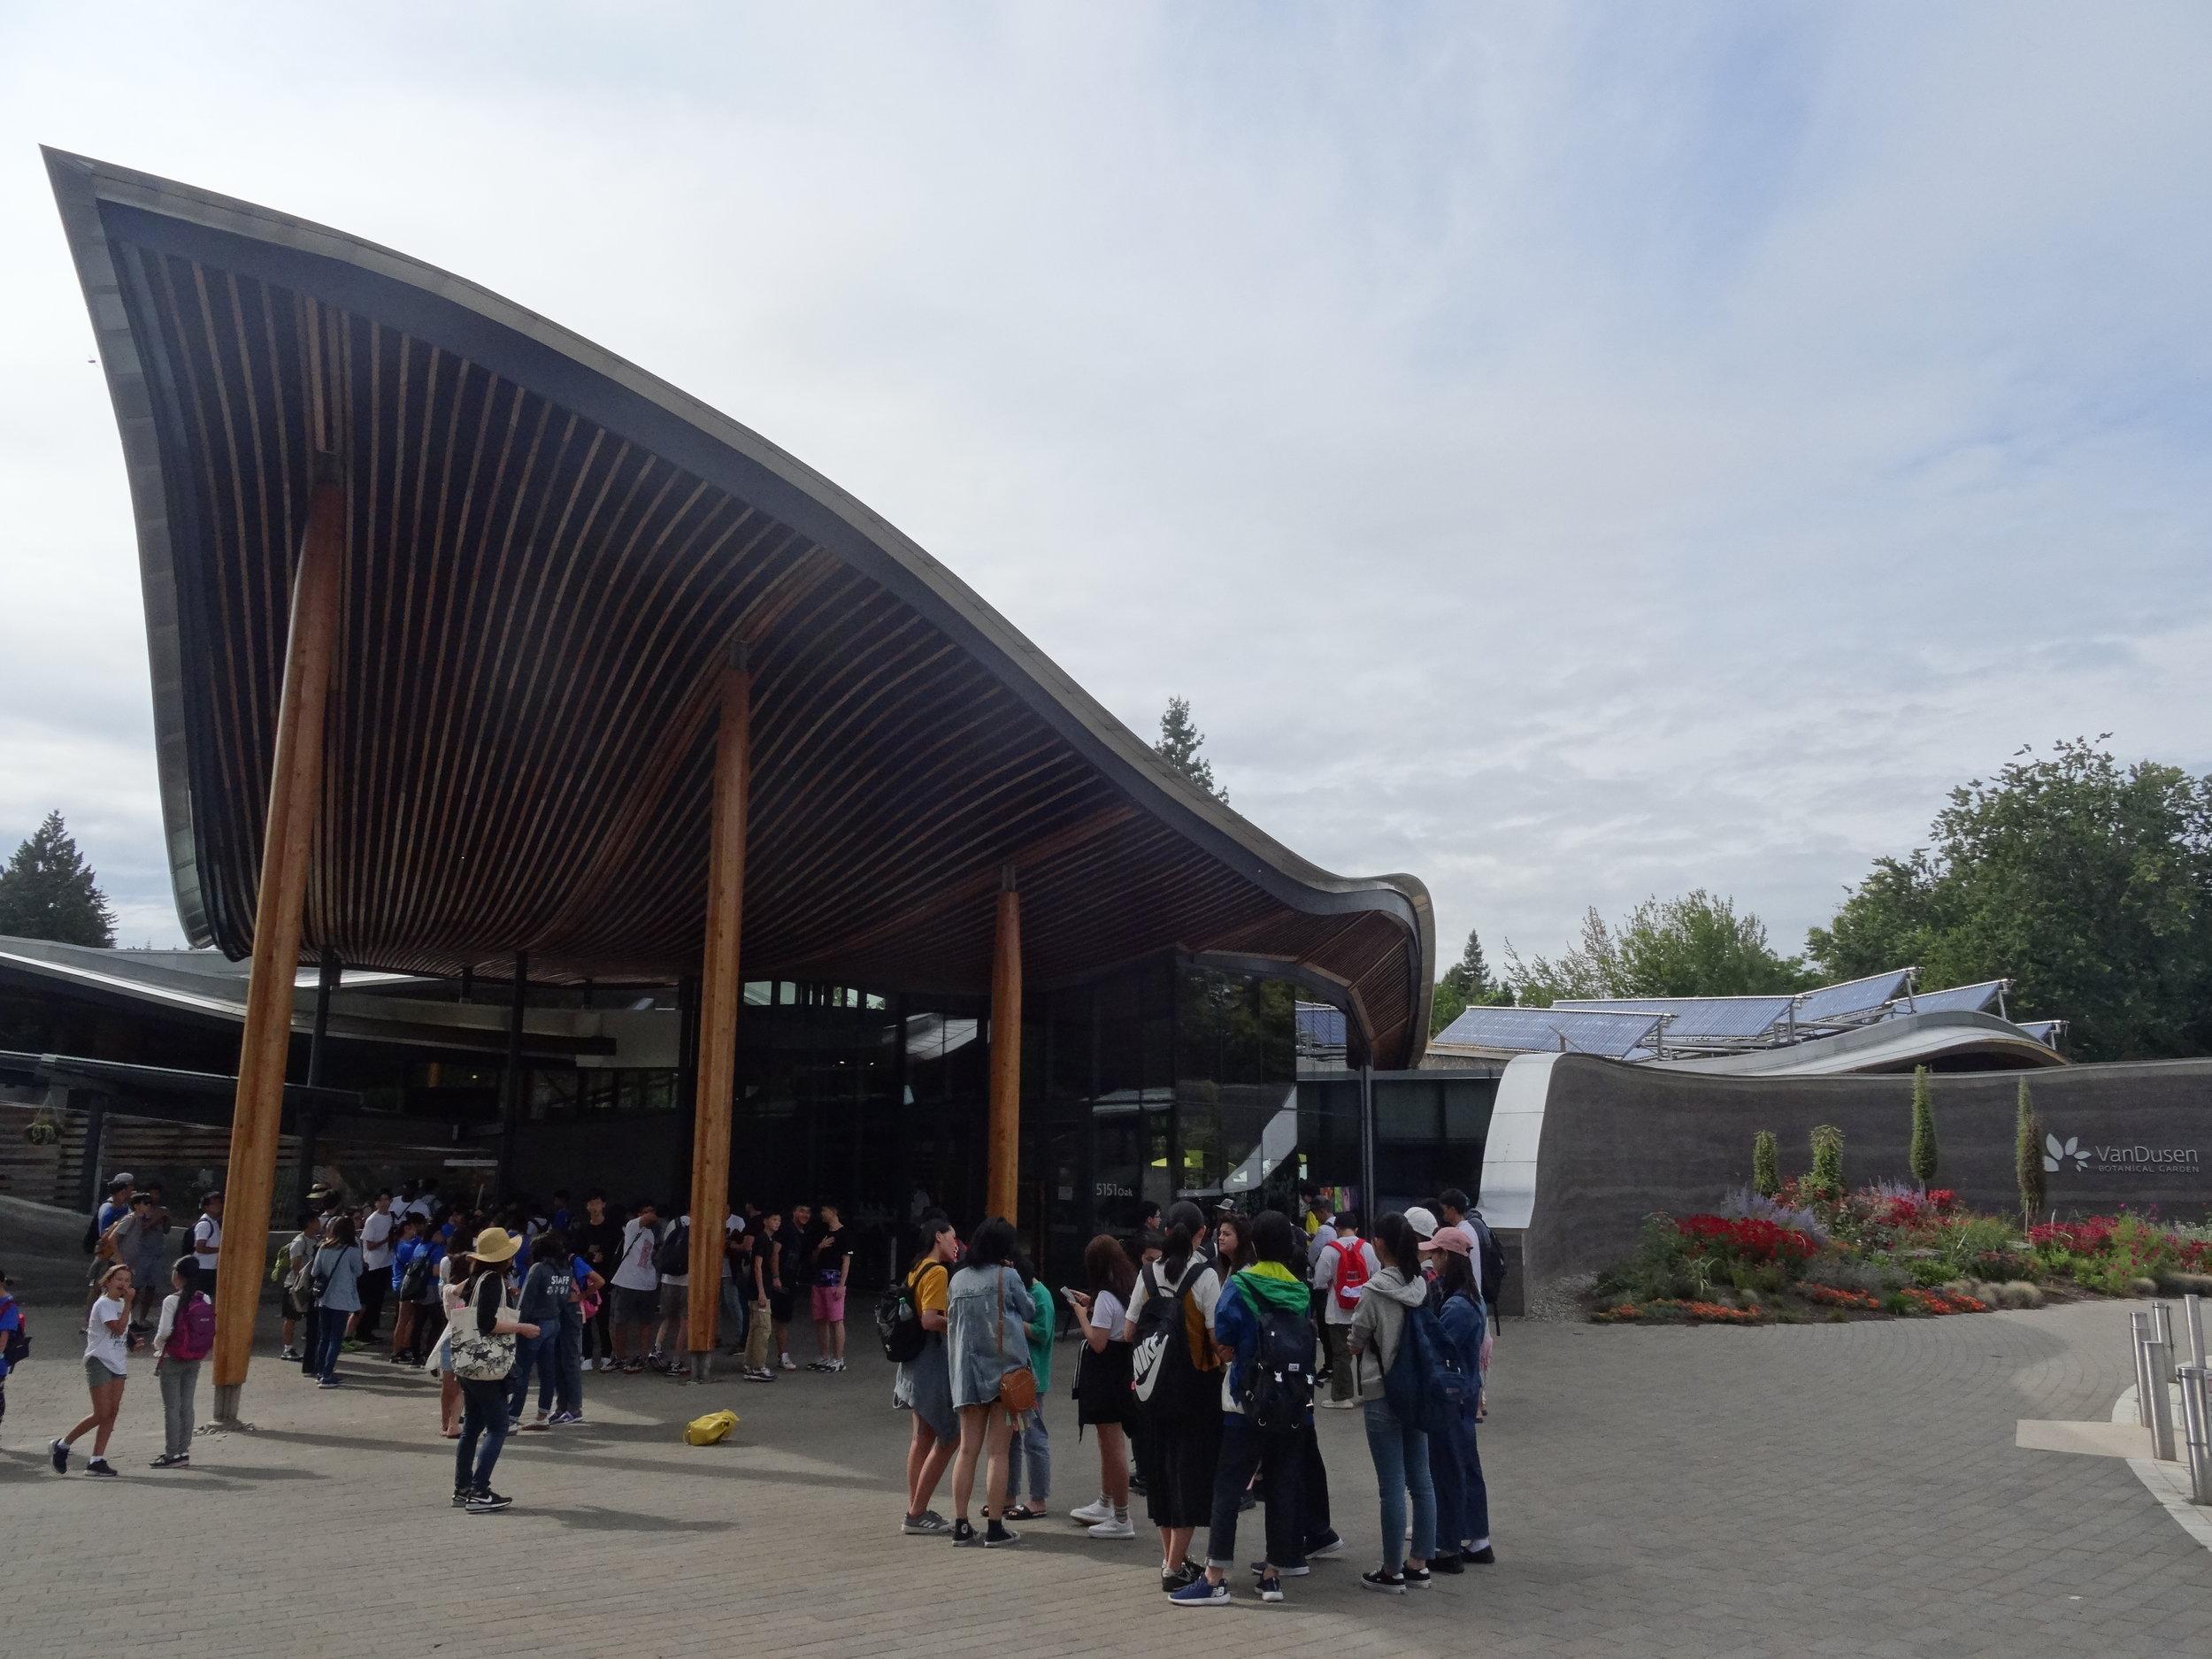 Van Dusen公園:滞在中は英語授業だけでなく、アクティビティや観光もあります